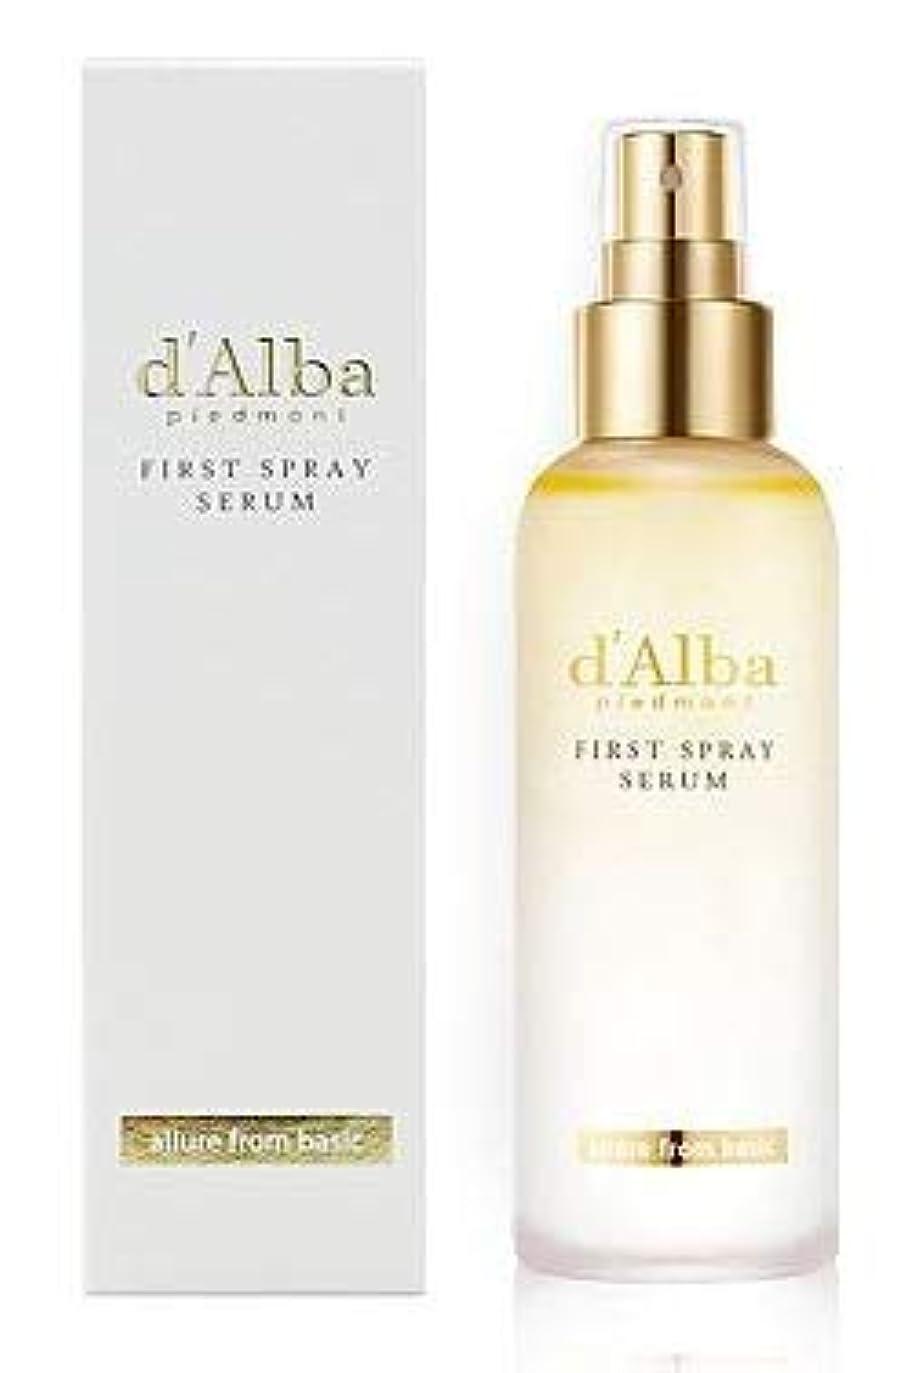 敬意を表するゴールド処分した[dAlba] White truffle Mist Serum 100ml / [ダルバ] ホワイト トラプル ミスト セラム 100ml [並行輸入品]